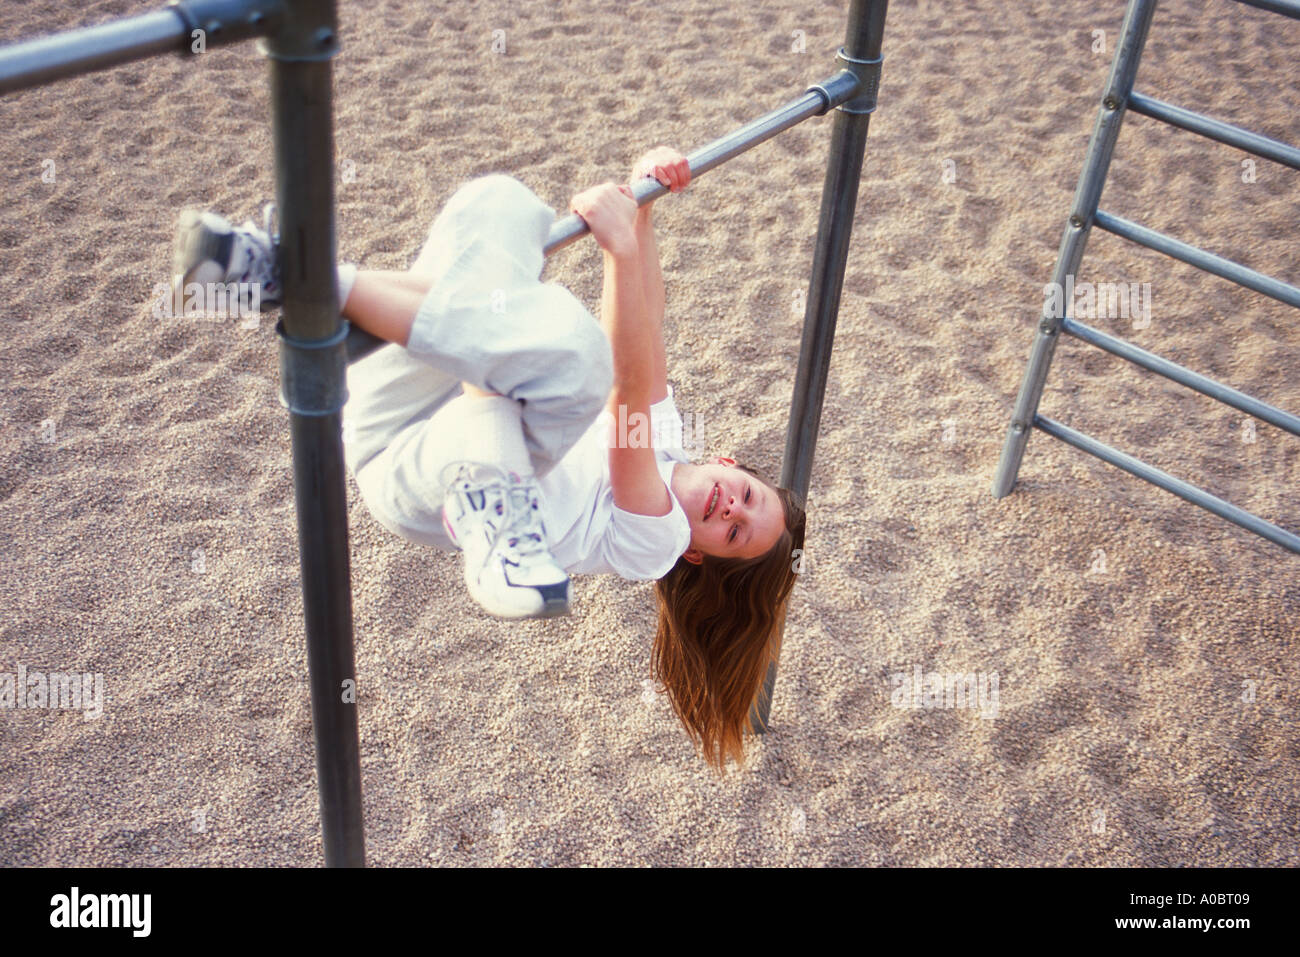 Klettergerüst Schulhof : Junge mädchen hängt vom klettergerüst auf einem schulhof hof